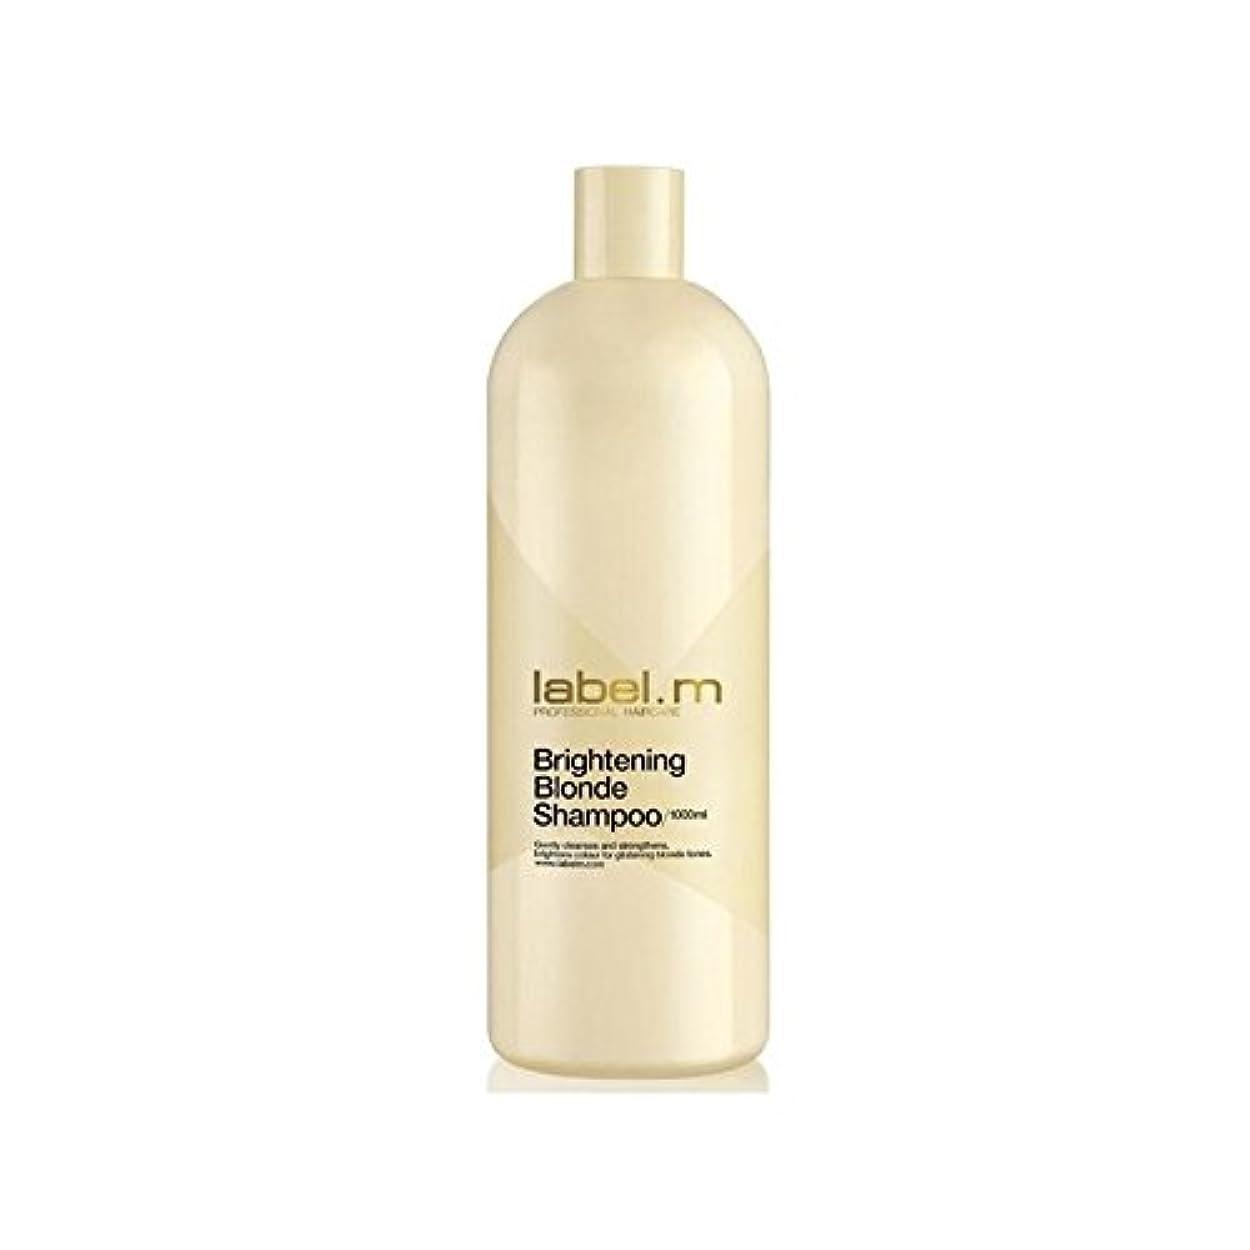 非アクティブダッシュキャリア.増白ブロンドシャンプー(千ミリリットル) x2 - Label.M Brightening Blonde Shampoo (1000ml) (Pack of 2) [並行輸入品]